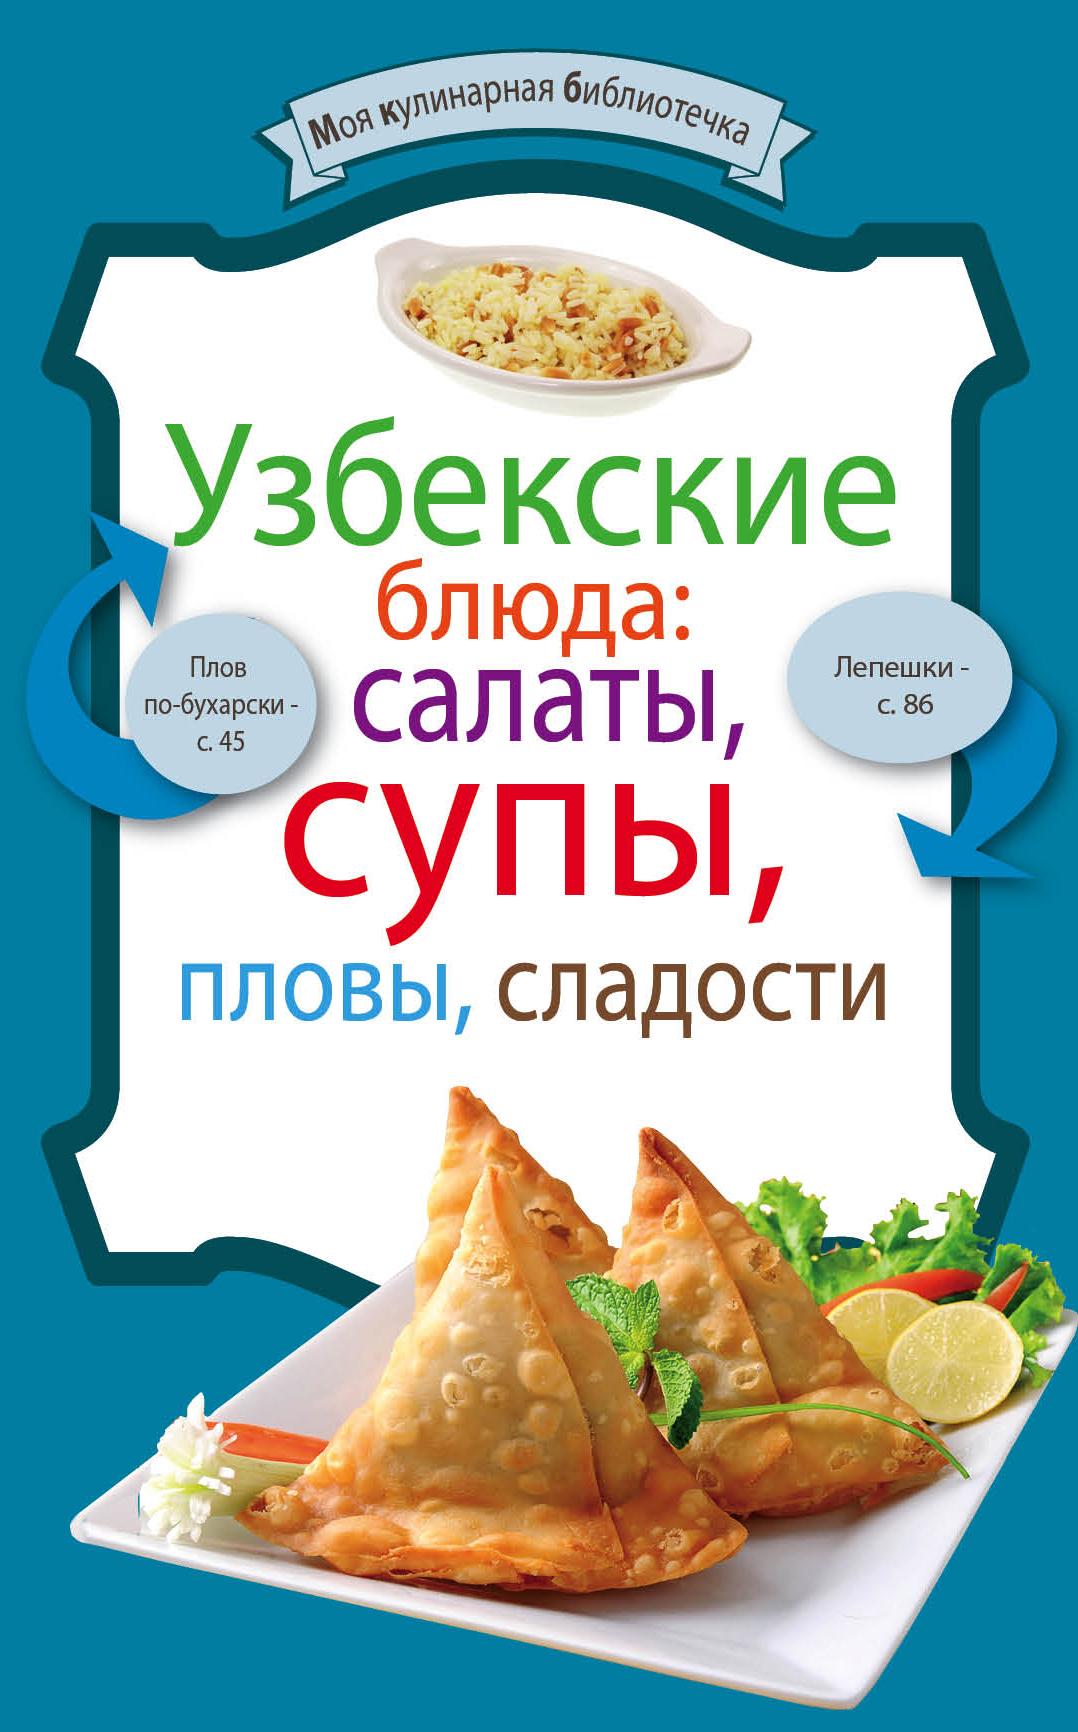 Узбекские блюда. Салаты, супы, пловы, десерты